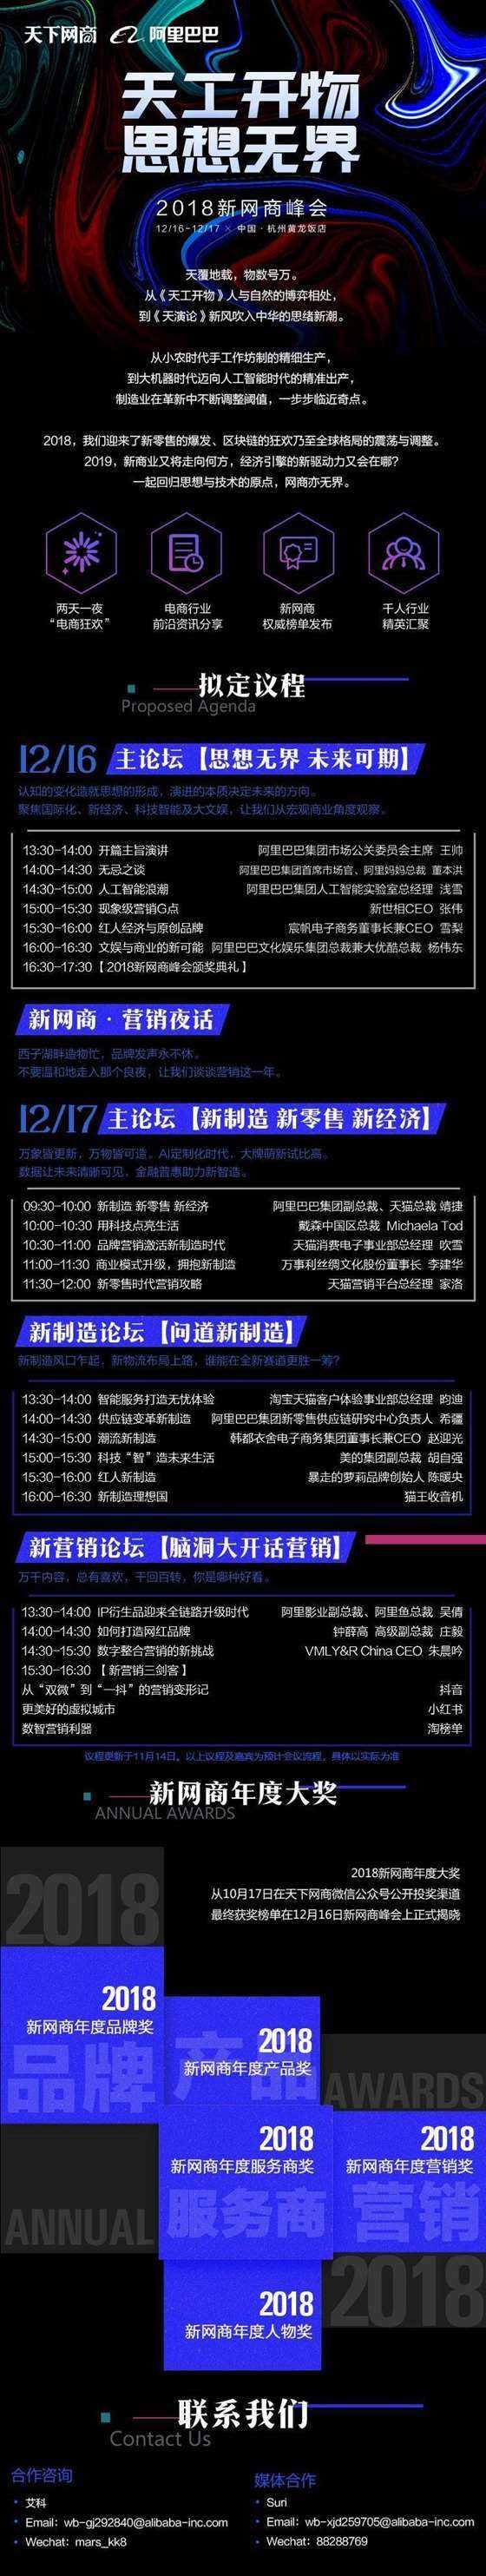 2018新网商峰会长图新新新.jpg